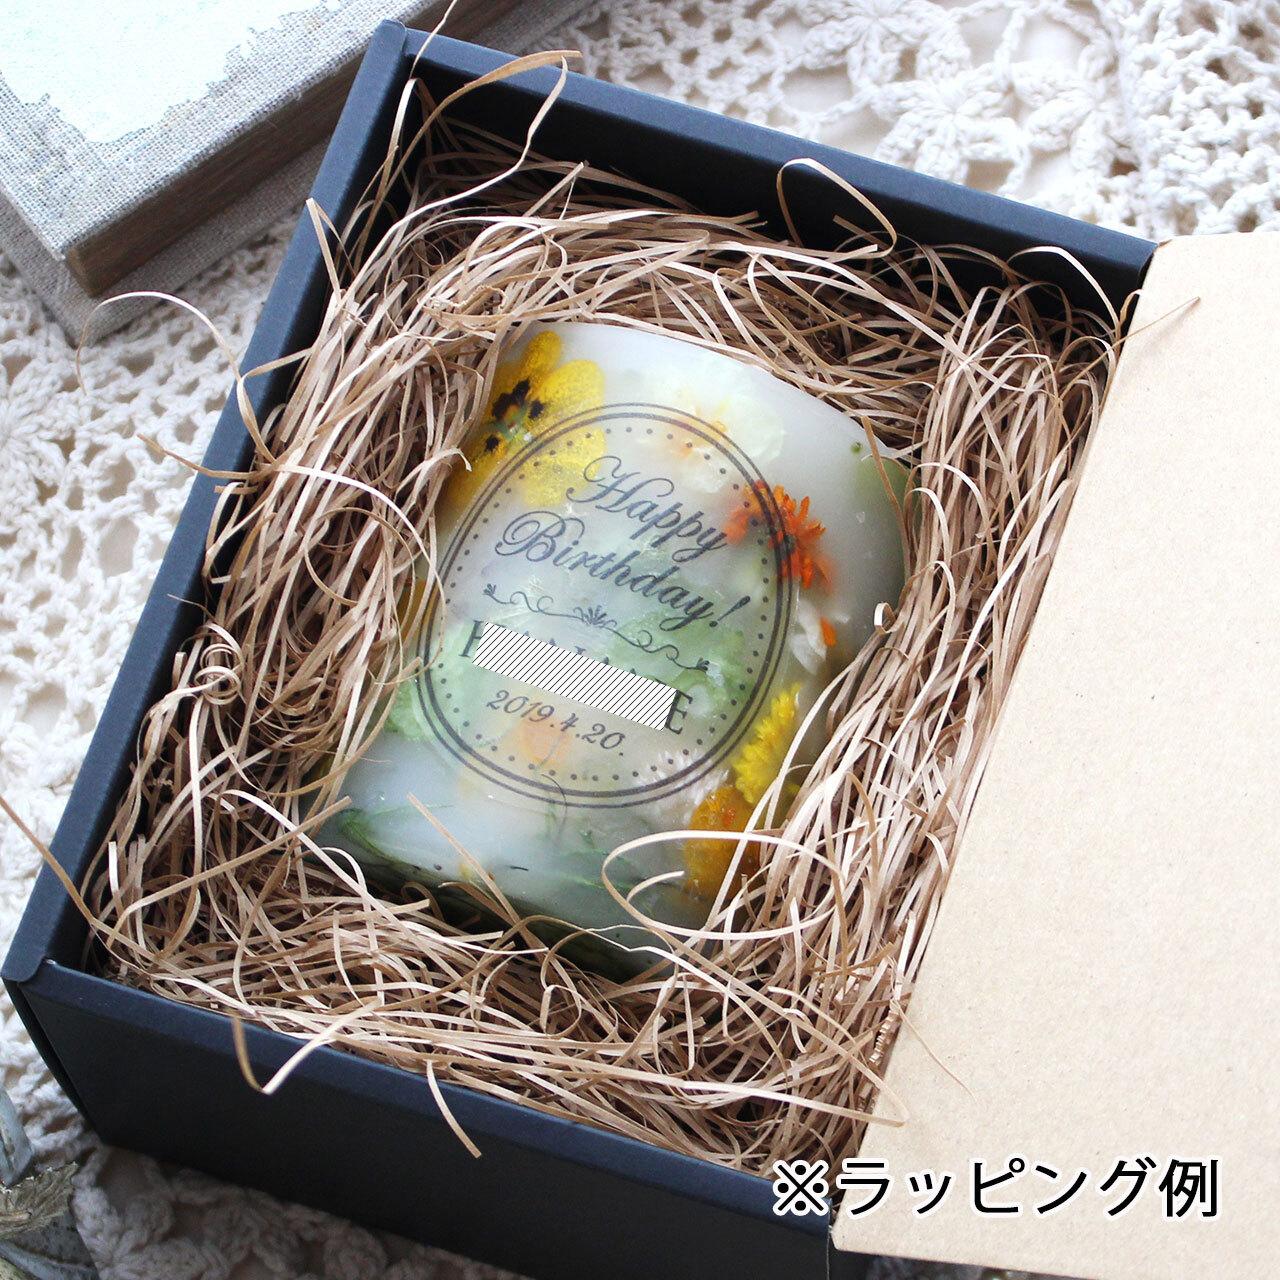 NC245 ギフトラッピング付き☆メッセージ&日付&名入れボタニカルキャンドル ラナンキュラス